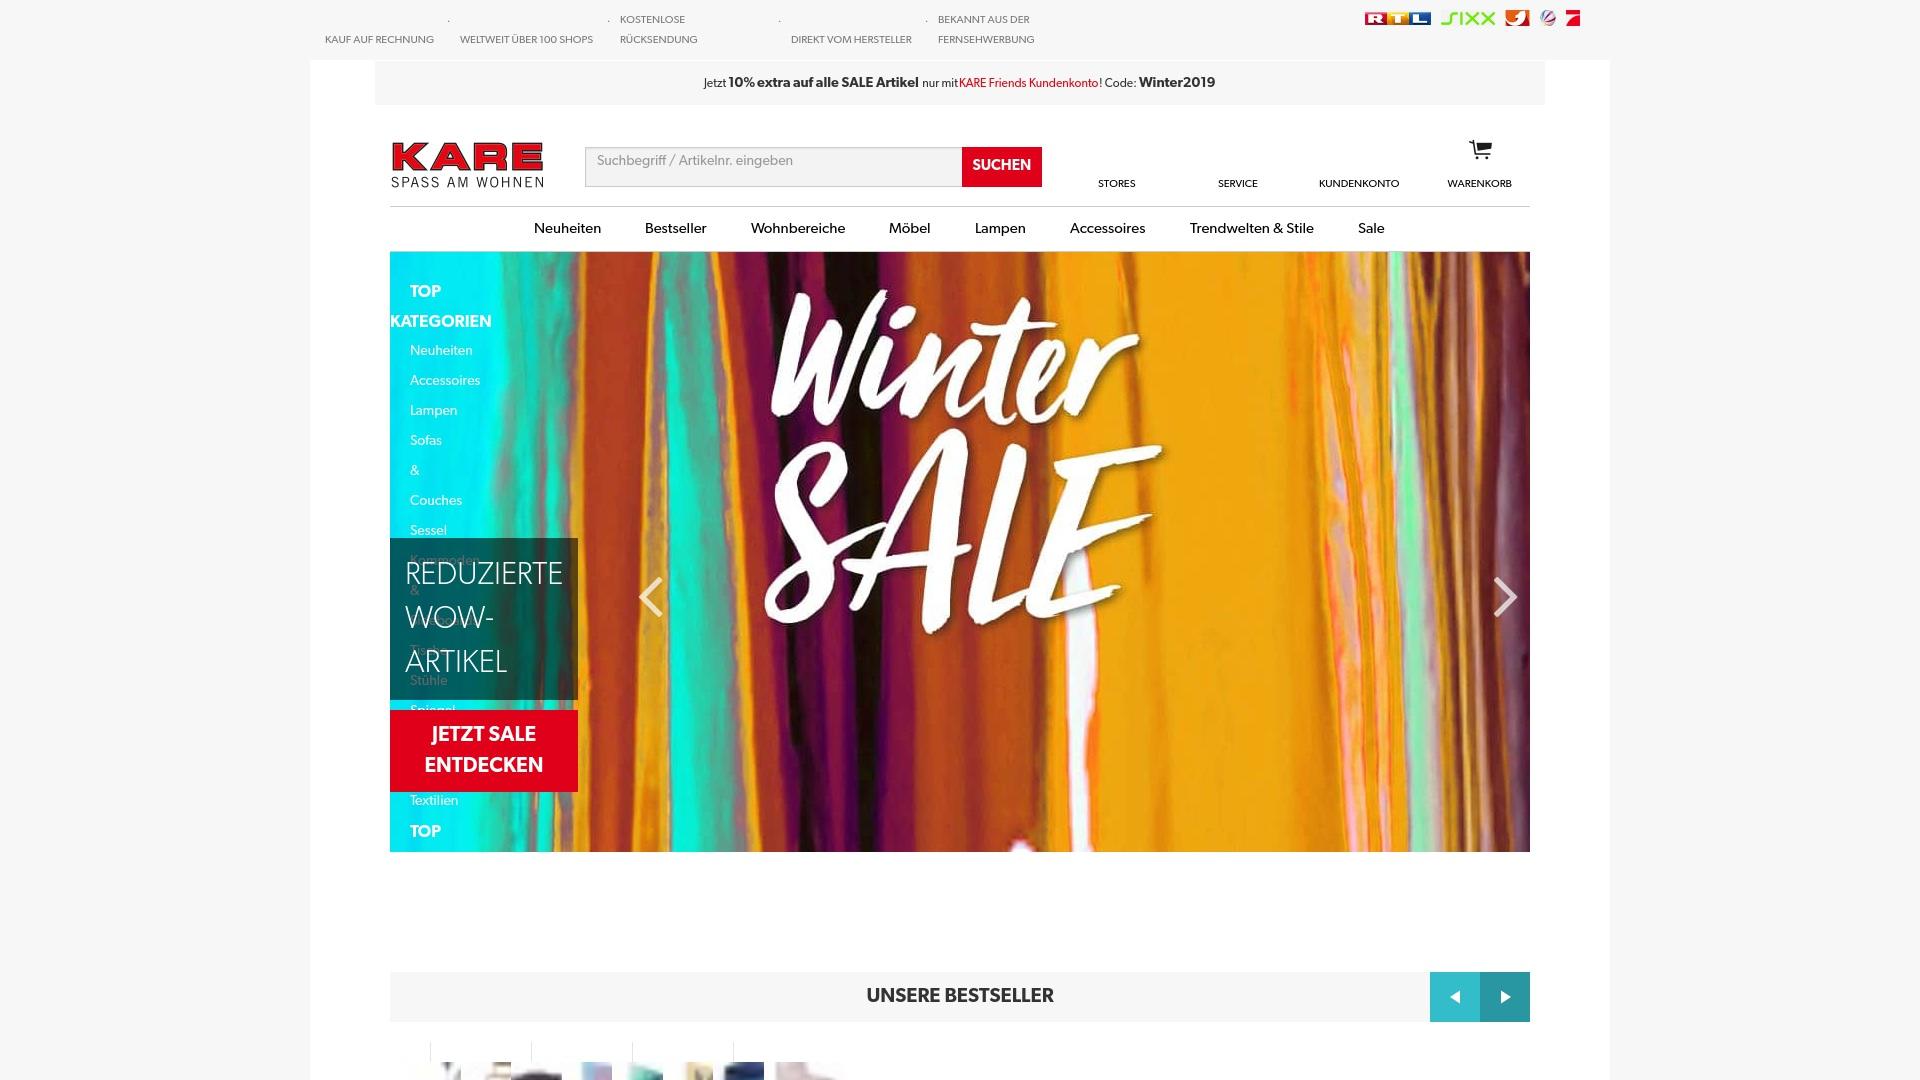 Gutschein für Kare24: Rabatte für  Kare24 sichern